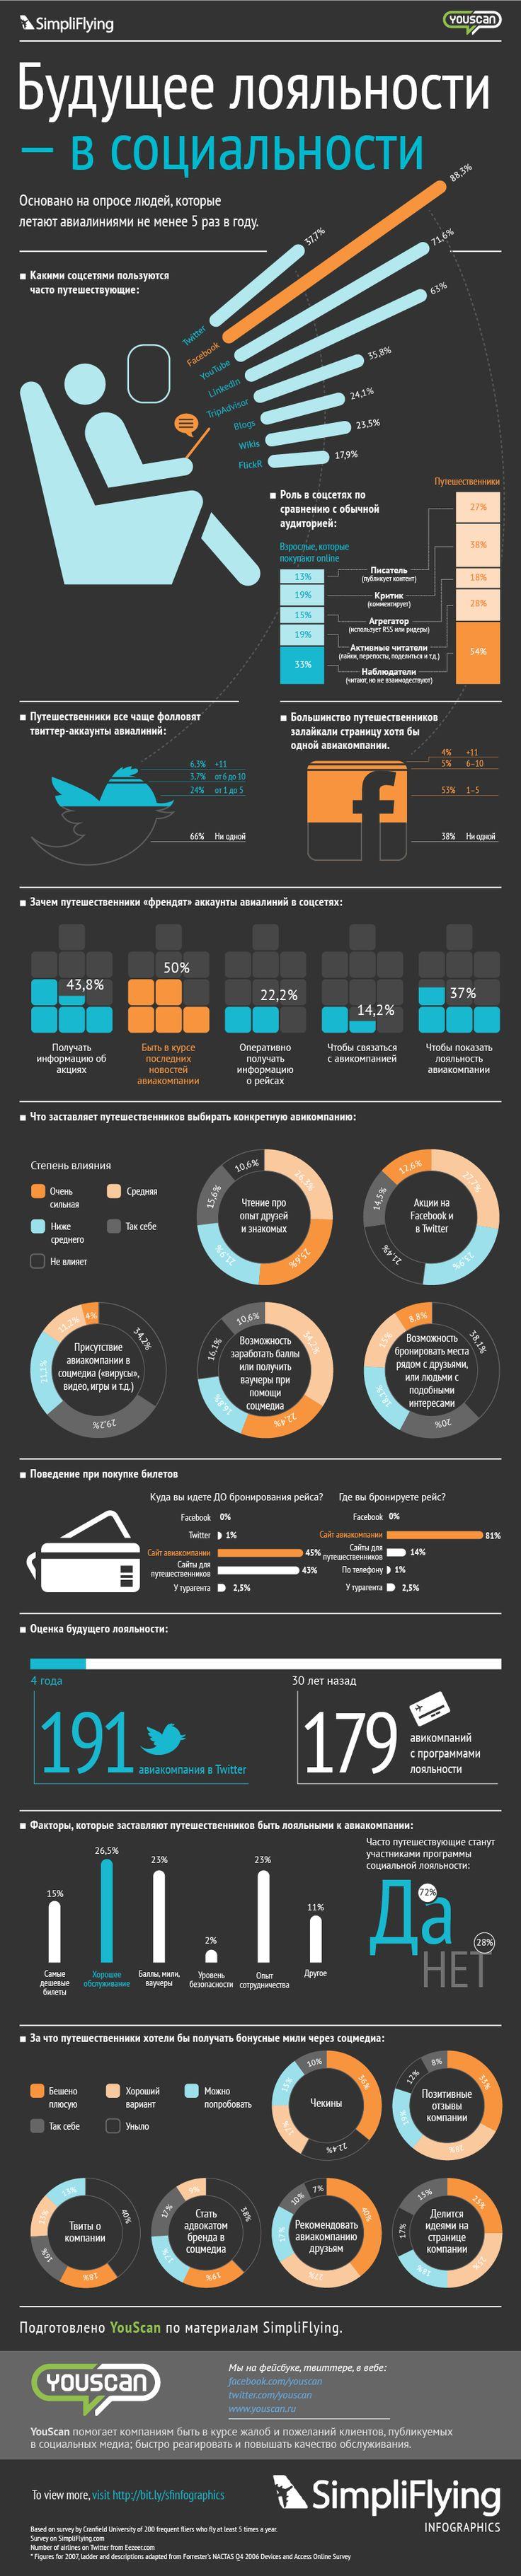 Инфографика Социальная Лояльность для Авиалиний